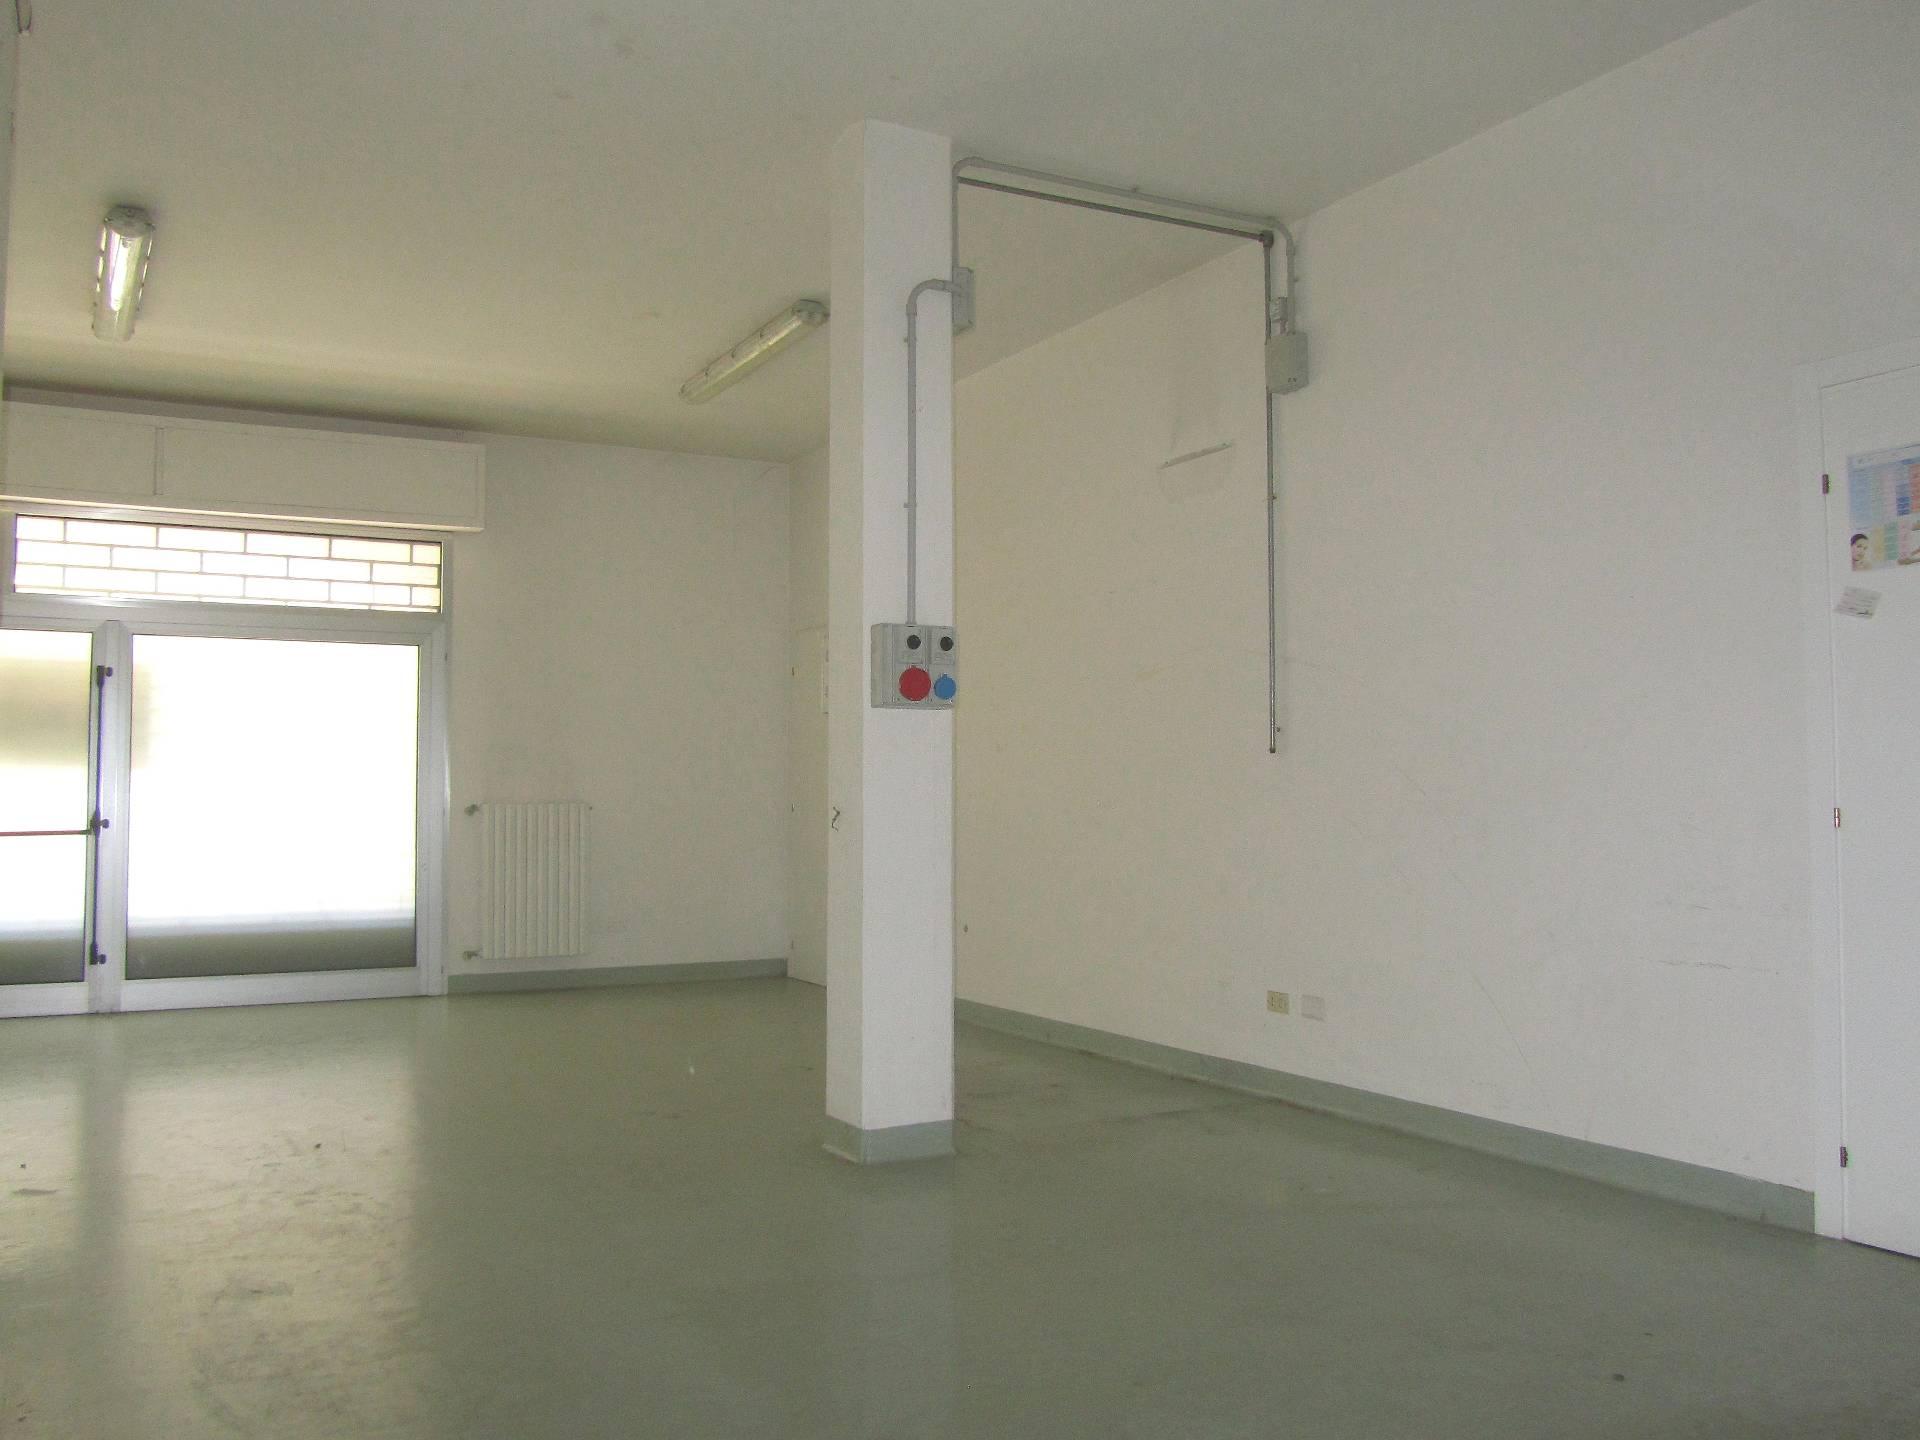 Negozio / Locale in vendita a Martinsicuro, 9999 locali, prezzo € 63.000 | Cambio Casa.it